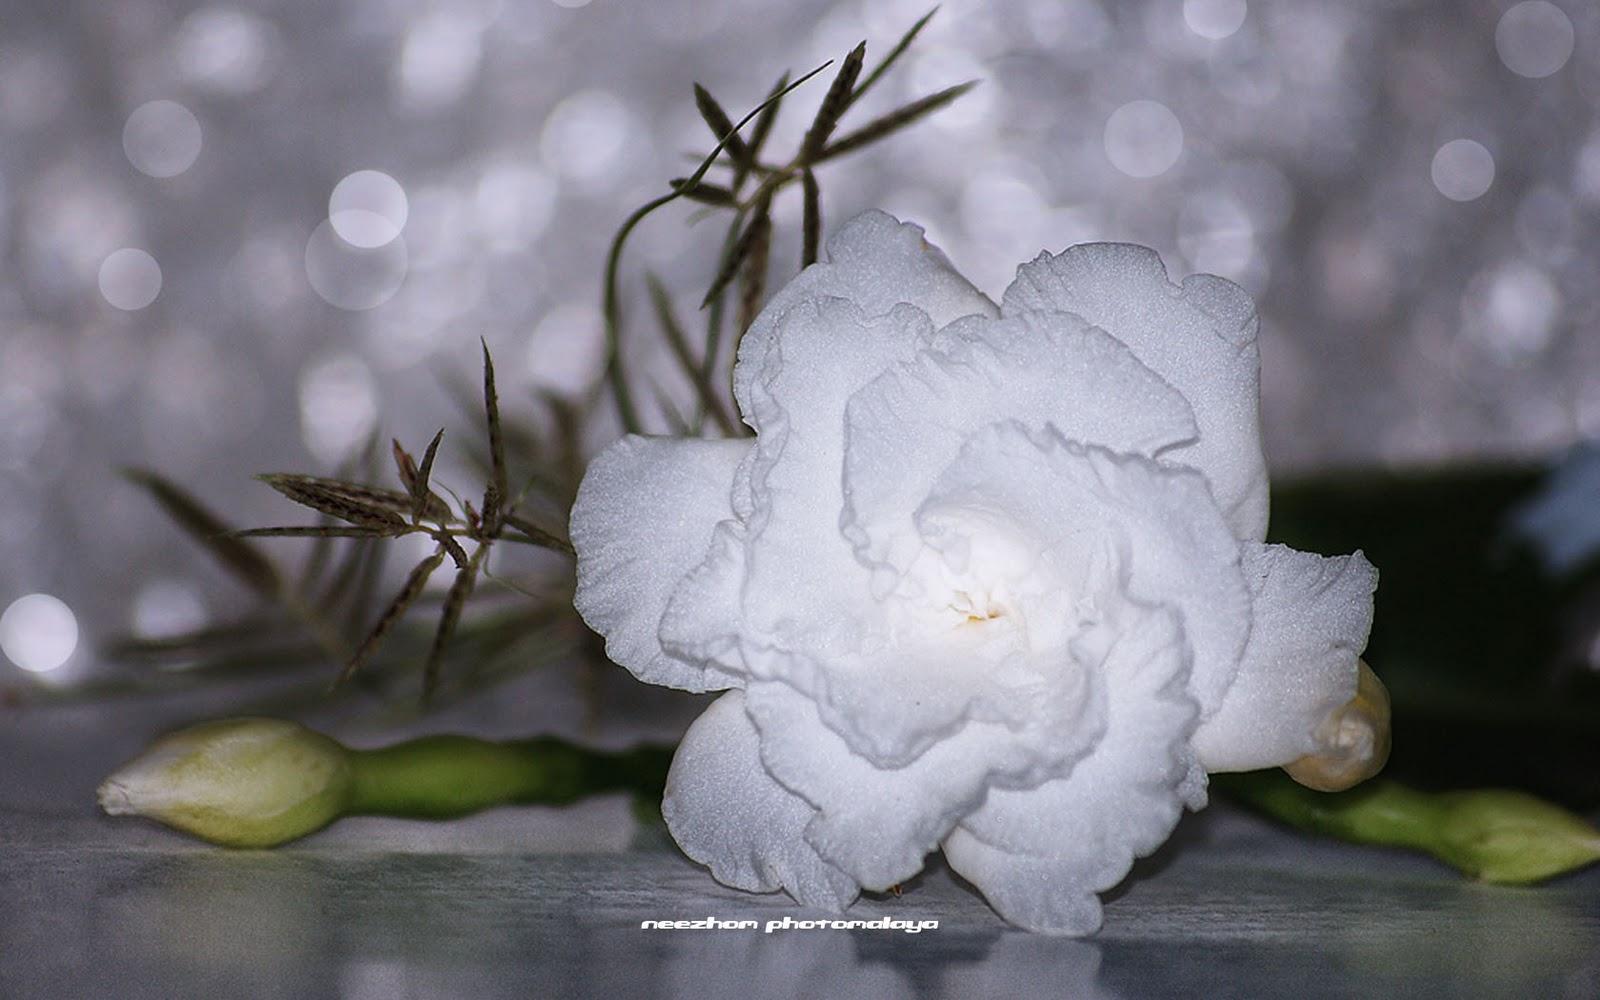 http://4.bp.blogspot.com/_3FTO6EjRbe4/TUke8nfz7VI/AAAAAAAAdEQ/QgNRRaqKV9k/s1600/Asam%2Bkelapa%2Bflower.jpg